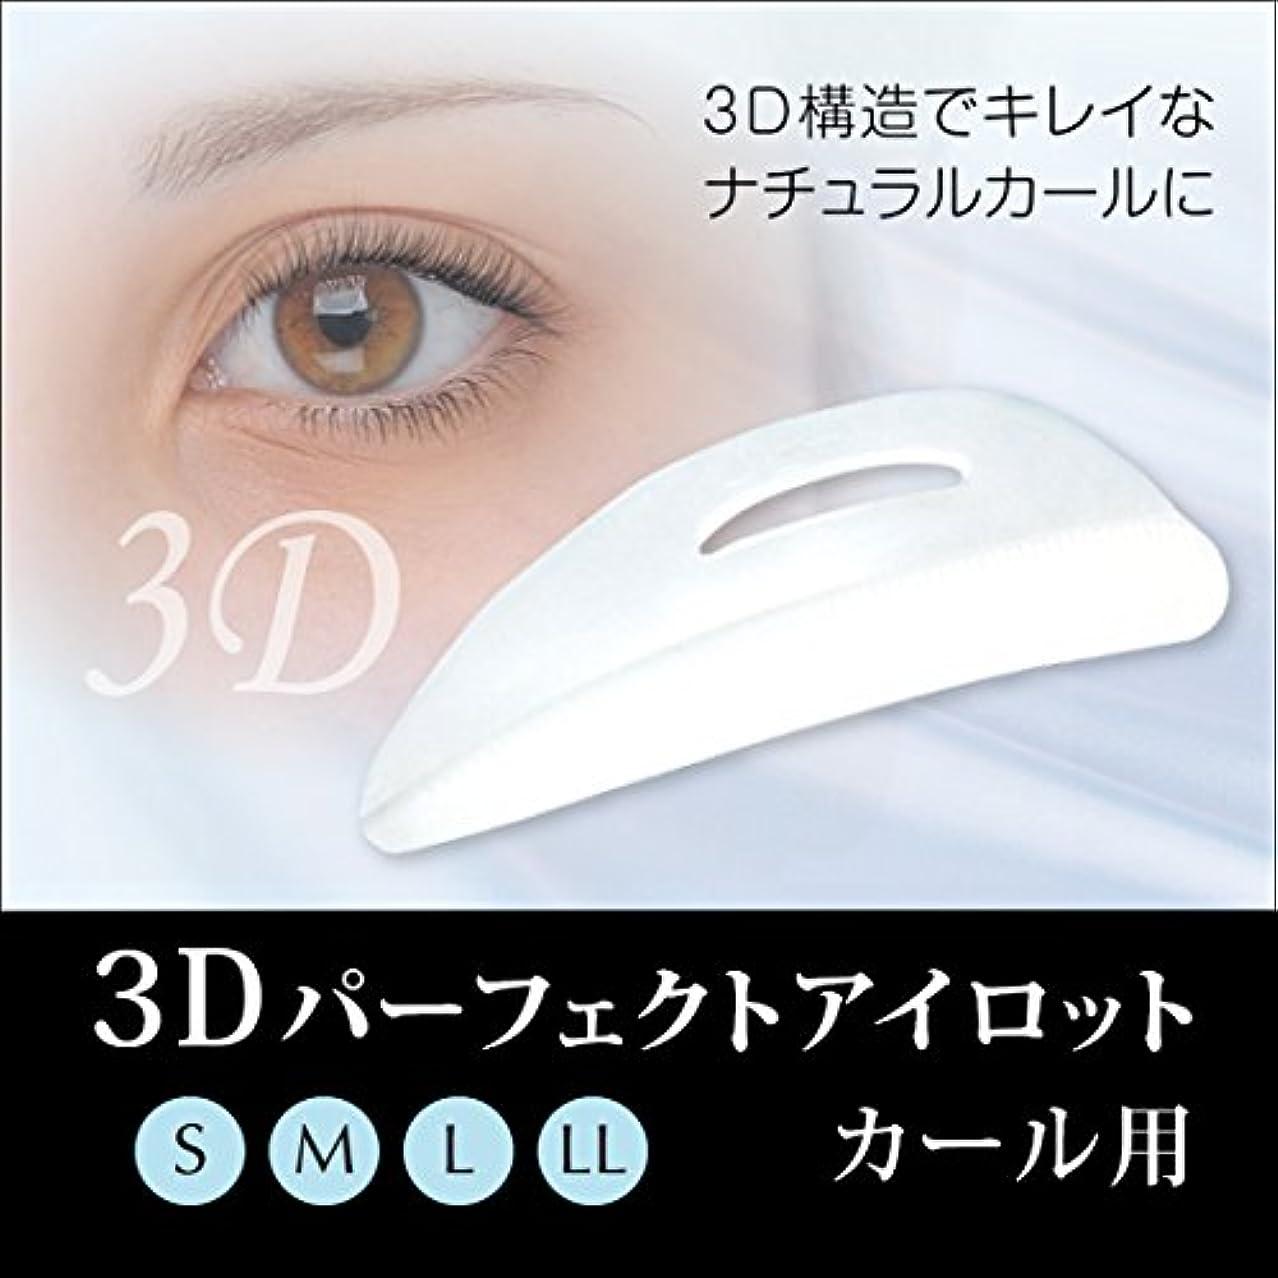 3Dパーフェクトアイロット カール用 (4サイズセット)